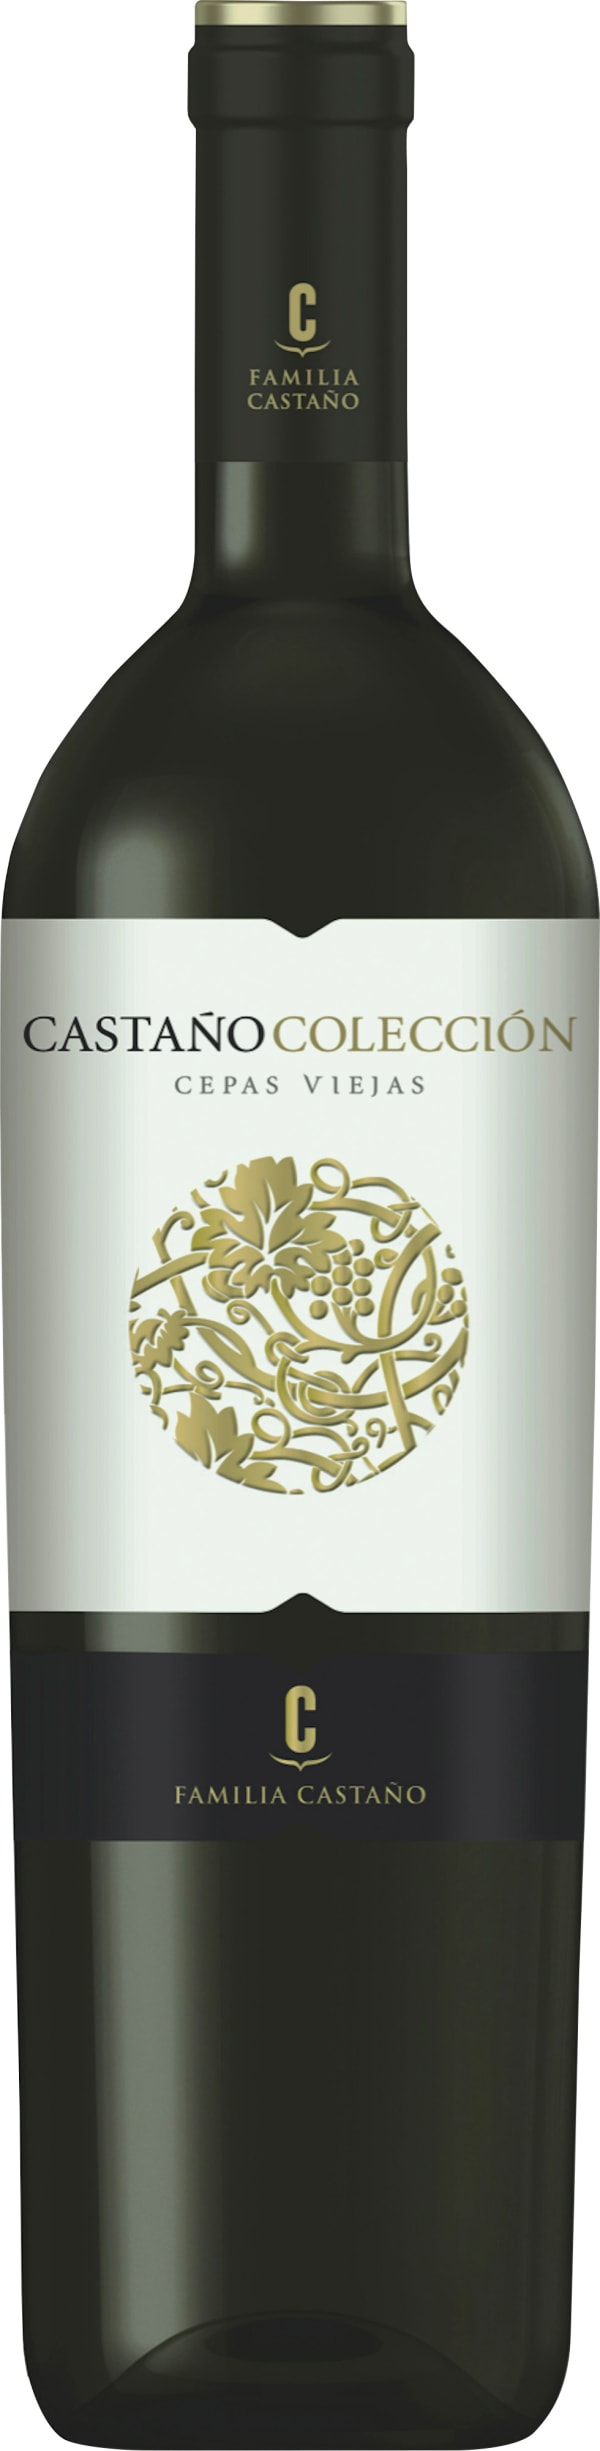 Castano Coleccion Cepas Viejas